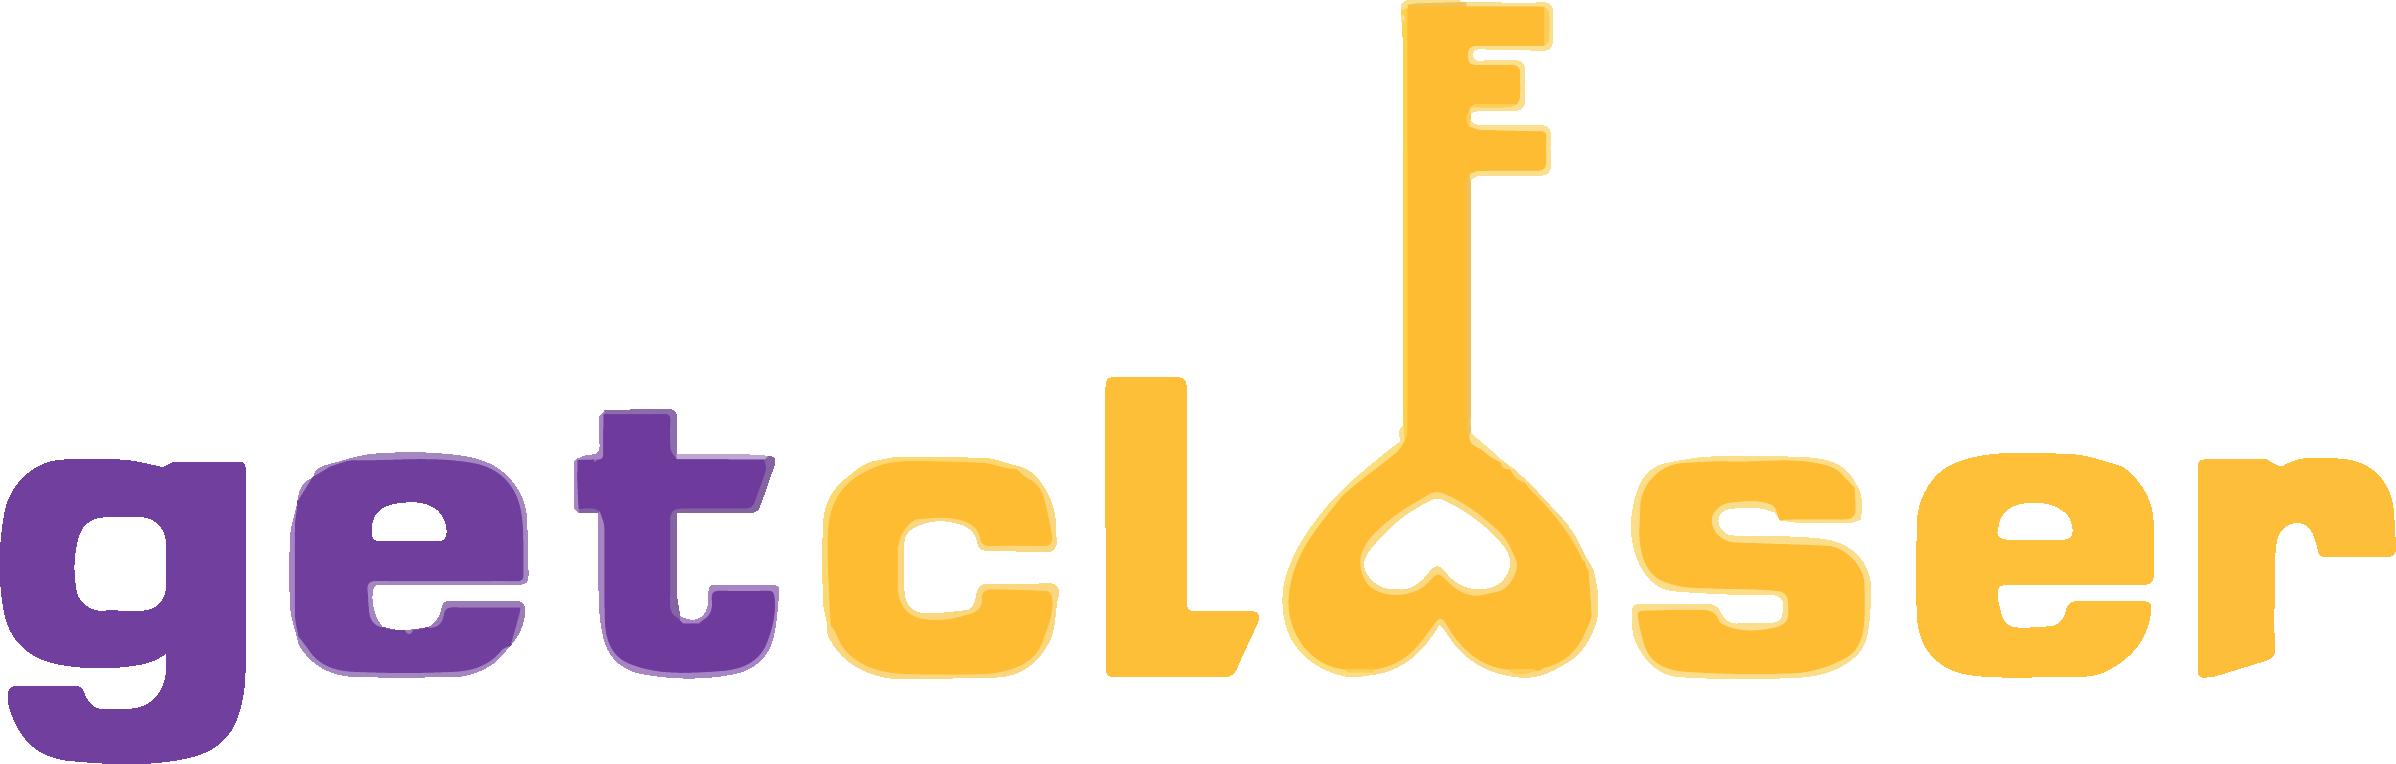 Get-closer_logo